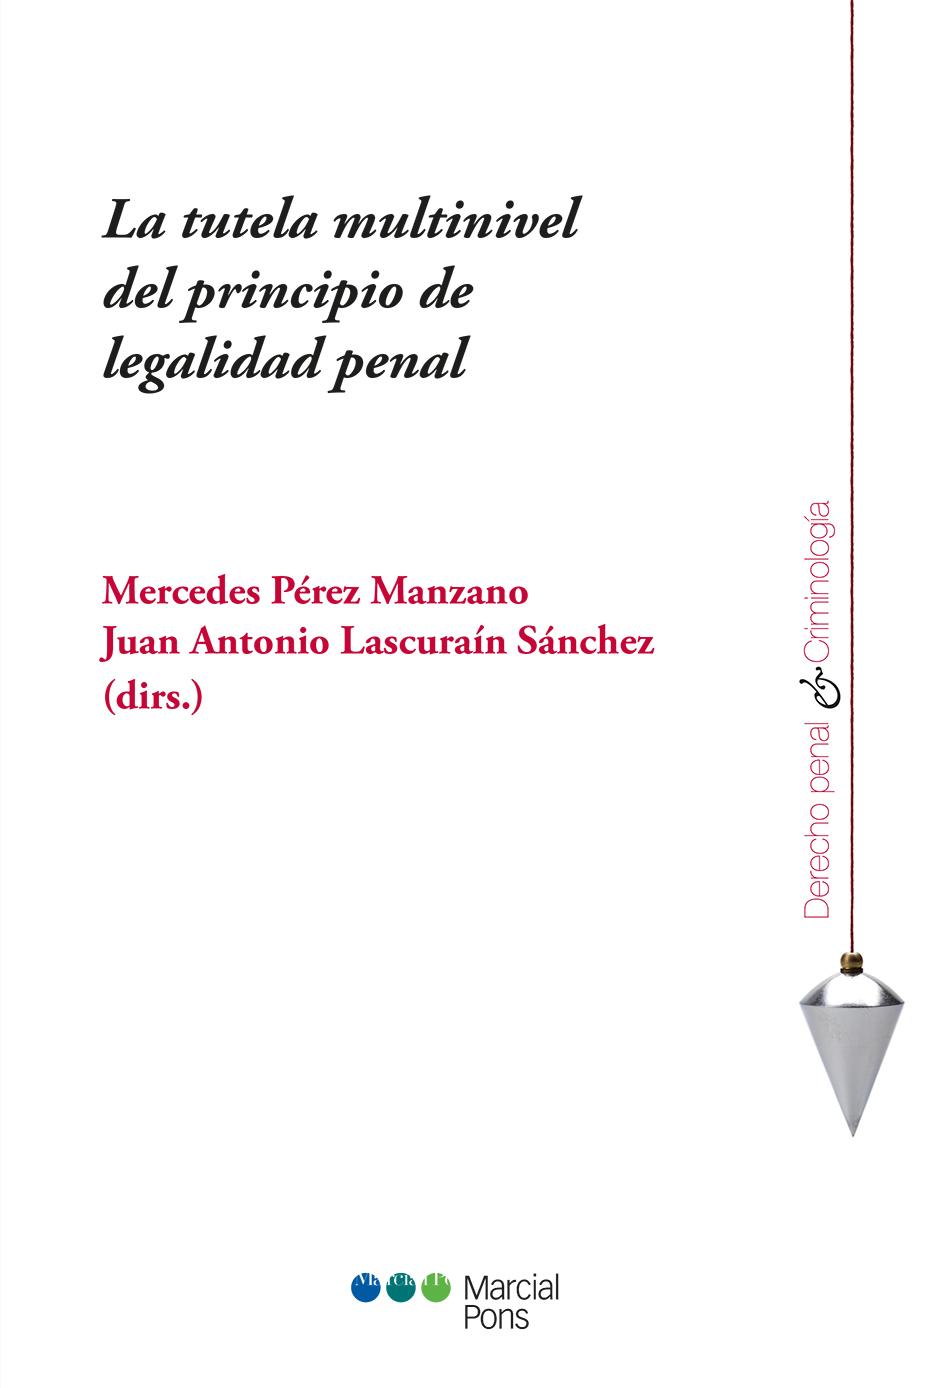 Portada del libro La tutela multinivel del principio de legalidad penal